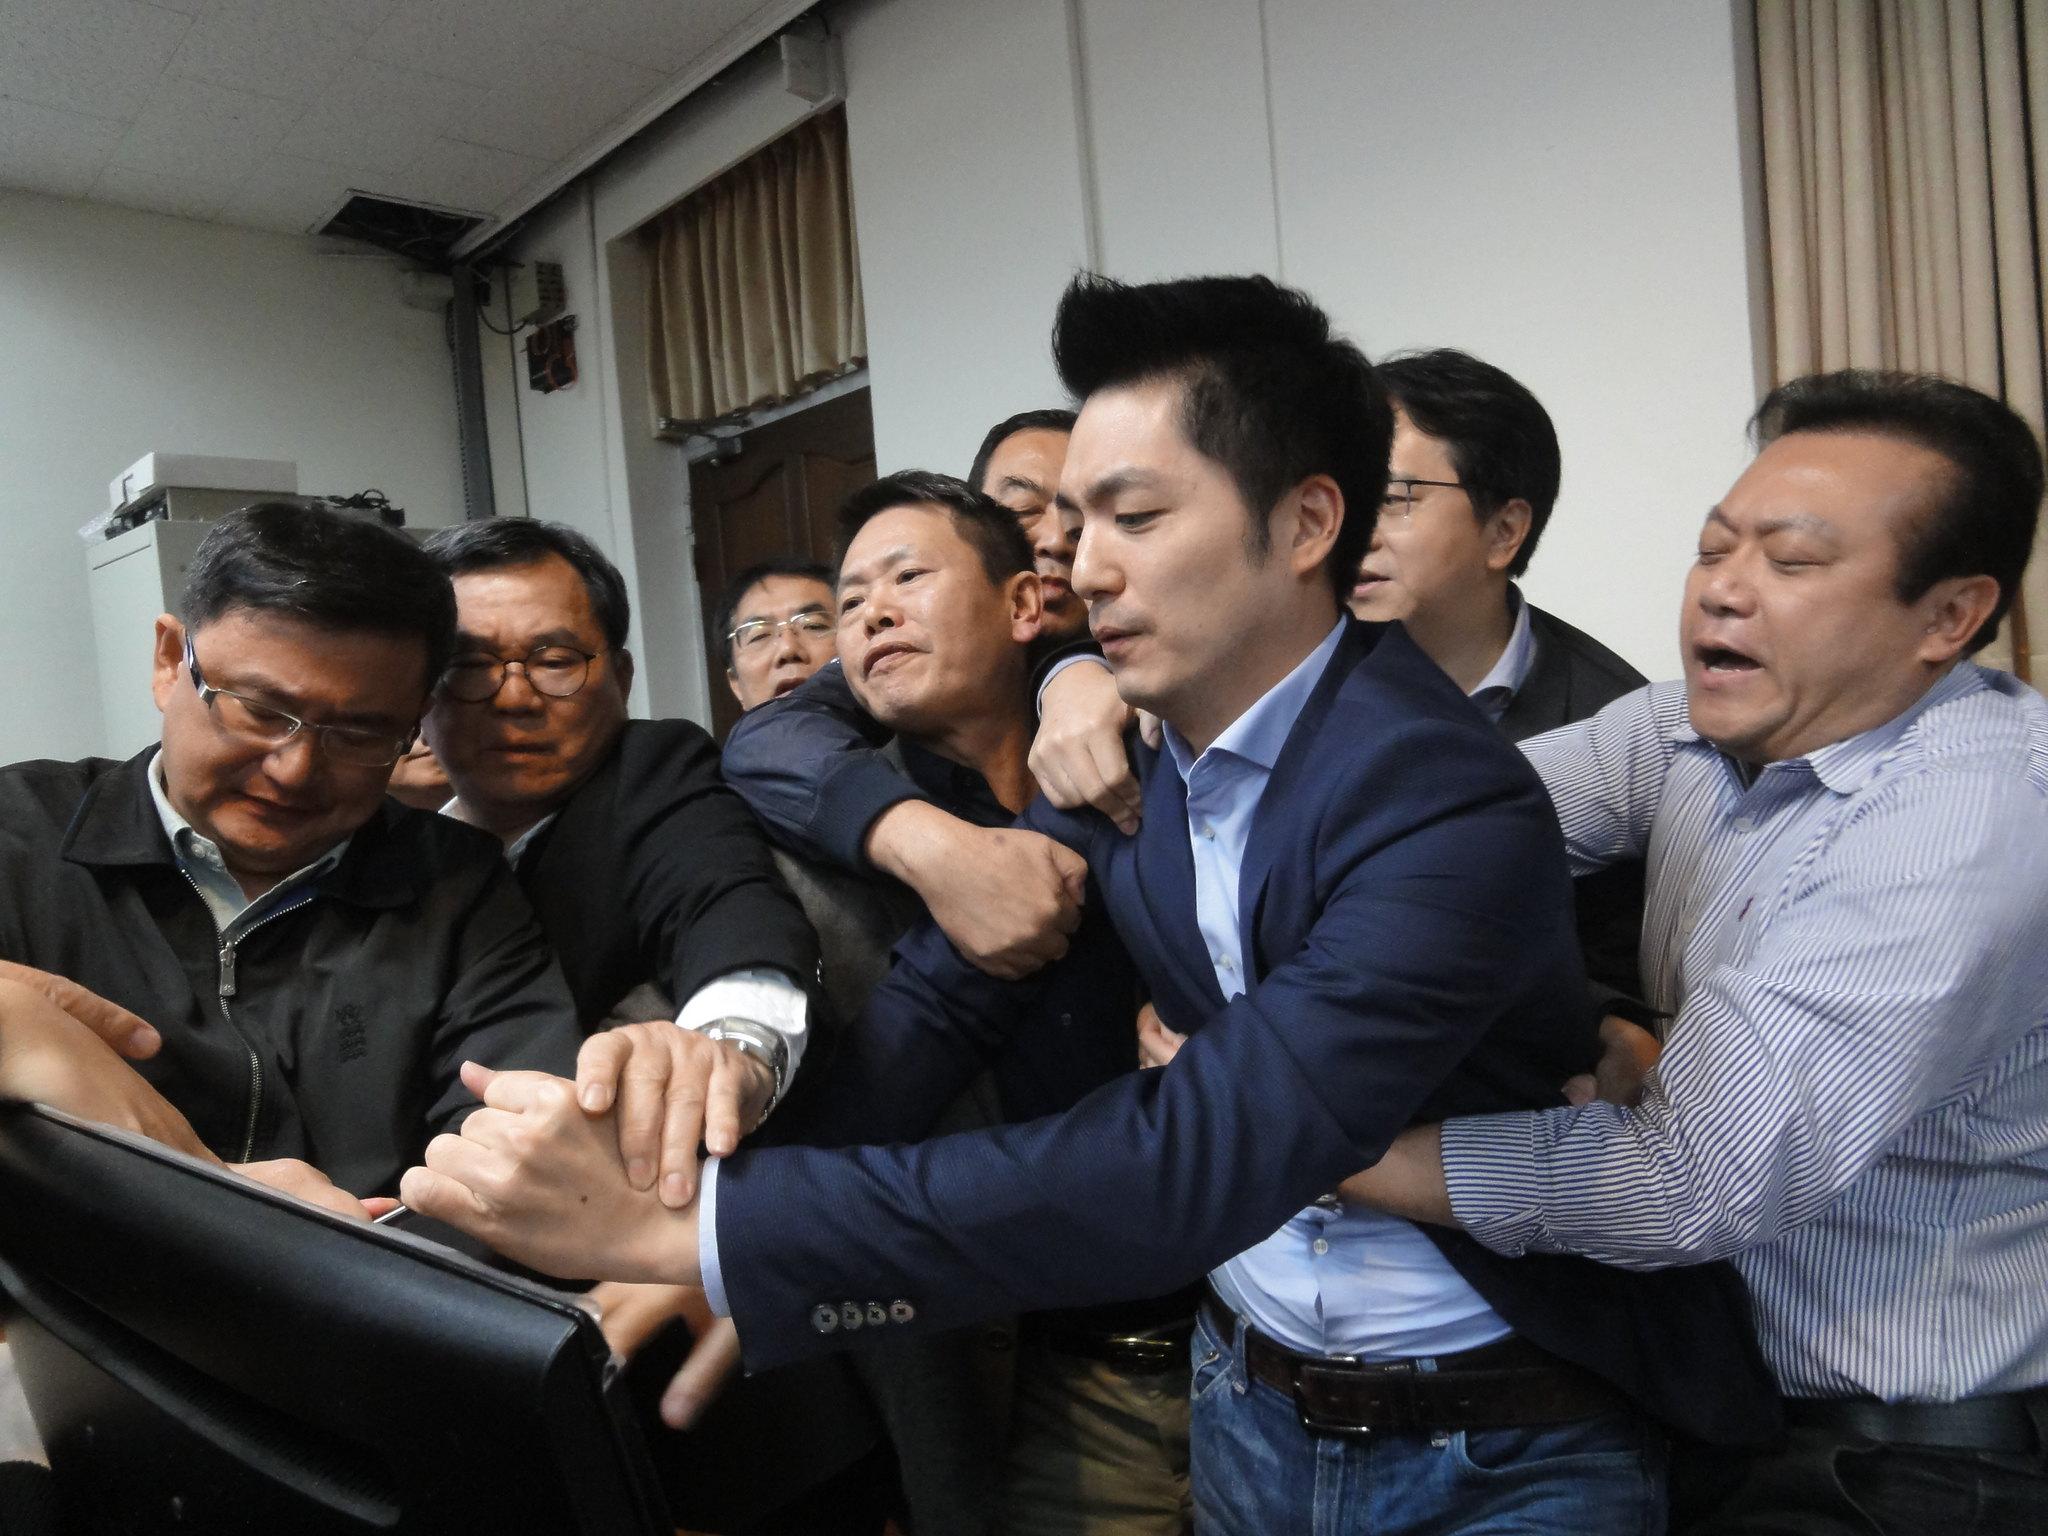 國民黨立委蔣萬安被拖離發言台。(攝影:張智琦)